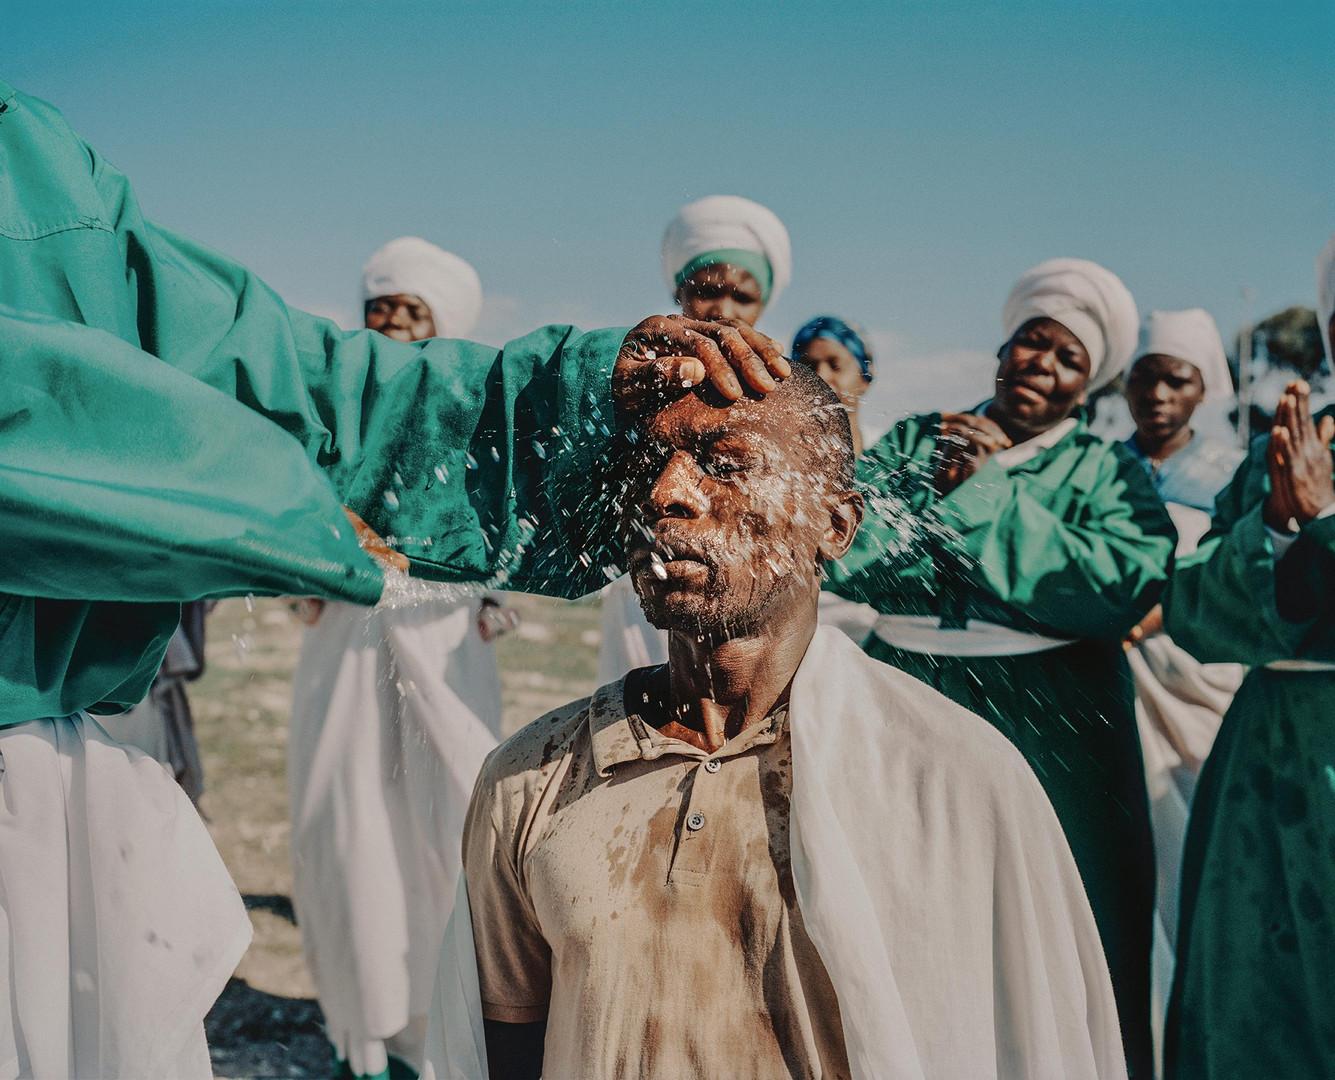 水 | 穆斯塔法·阿卜杜勒阿齐兹 | 2019